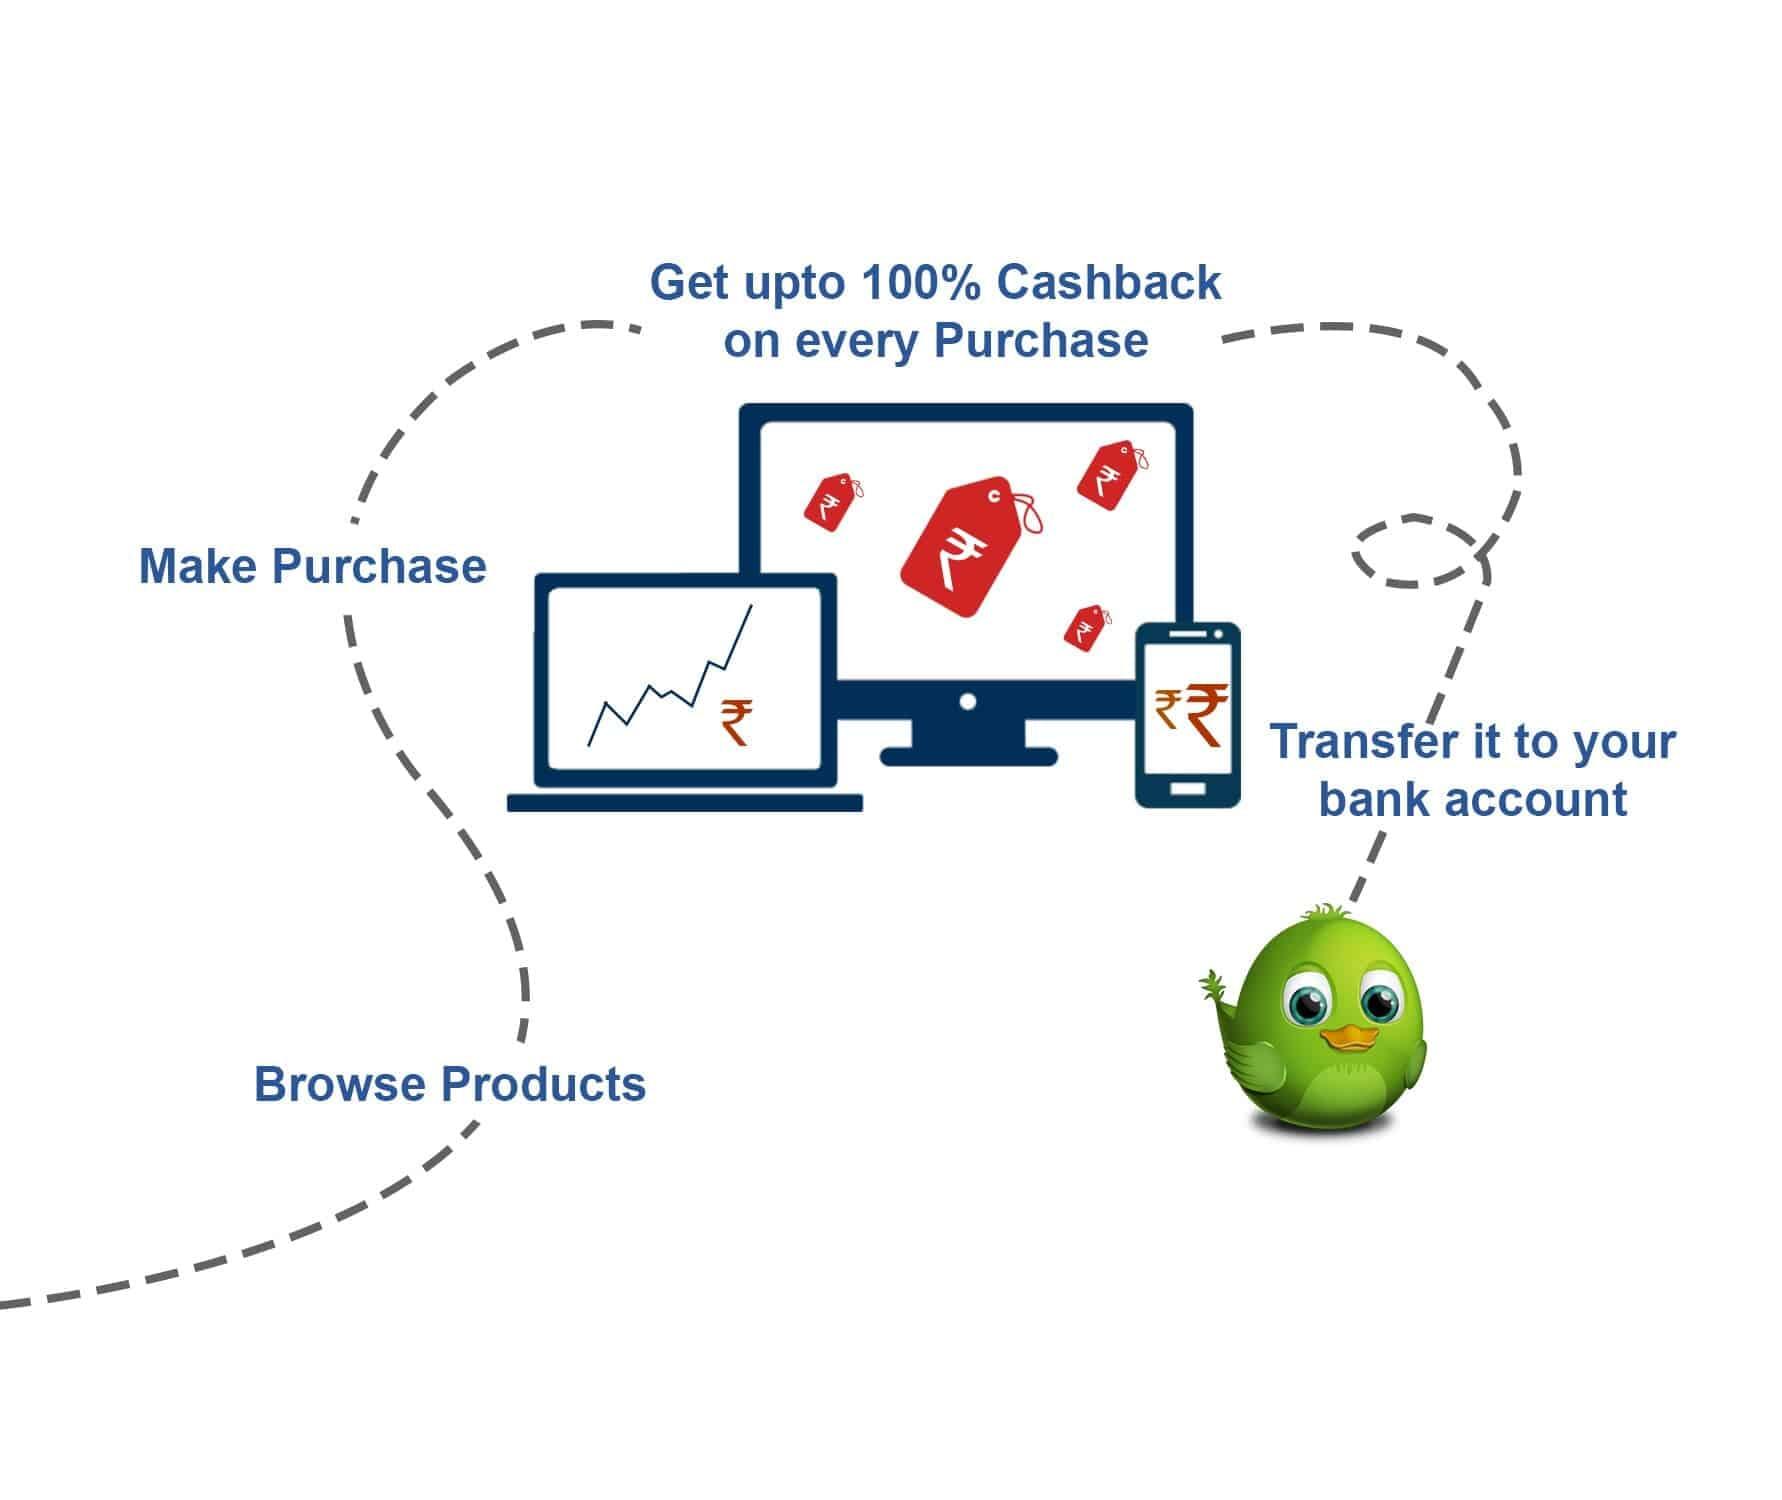 cashback Process